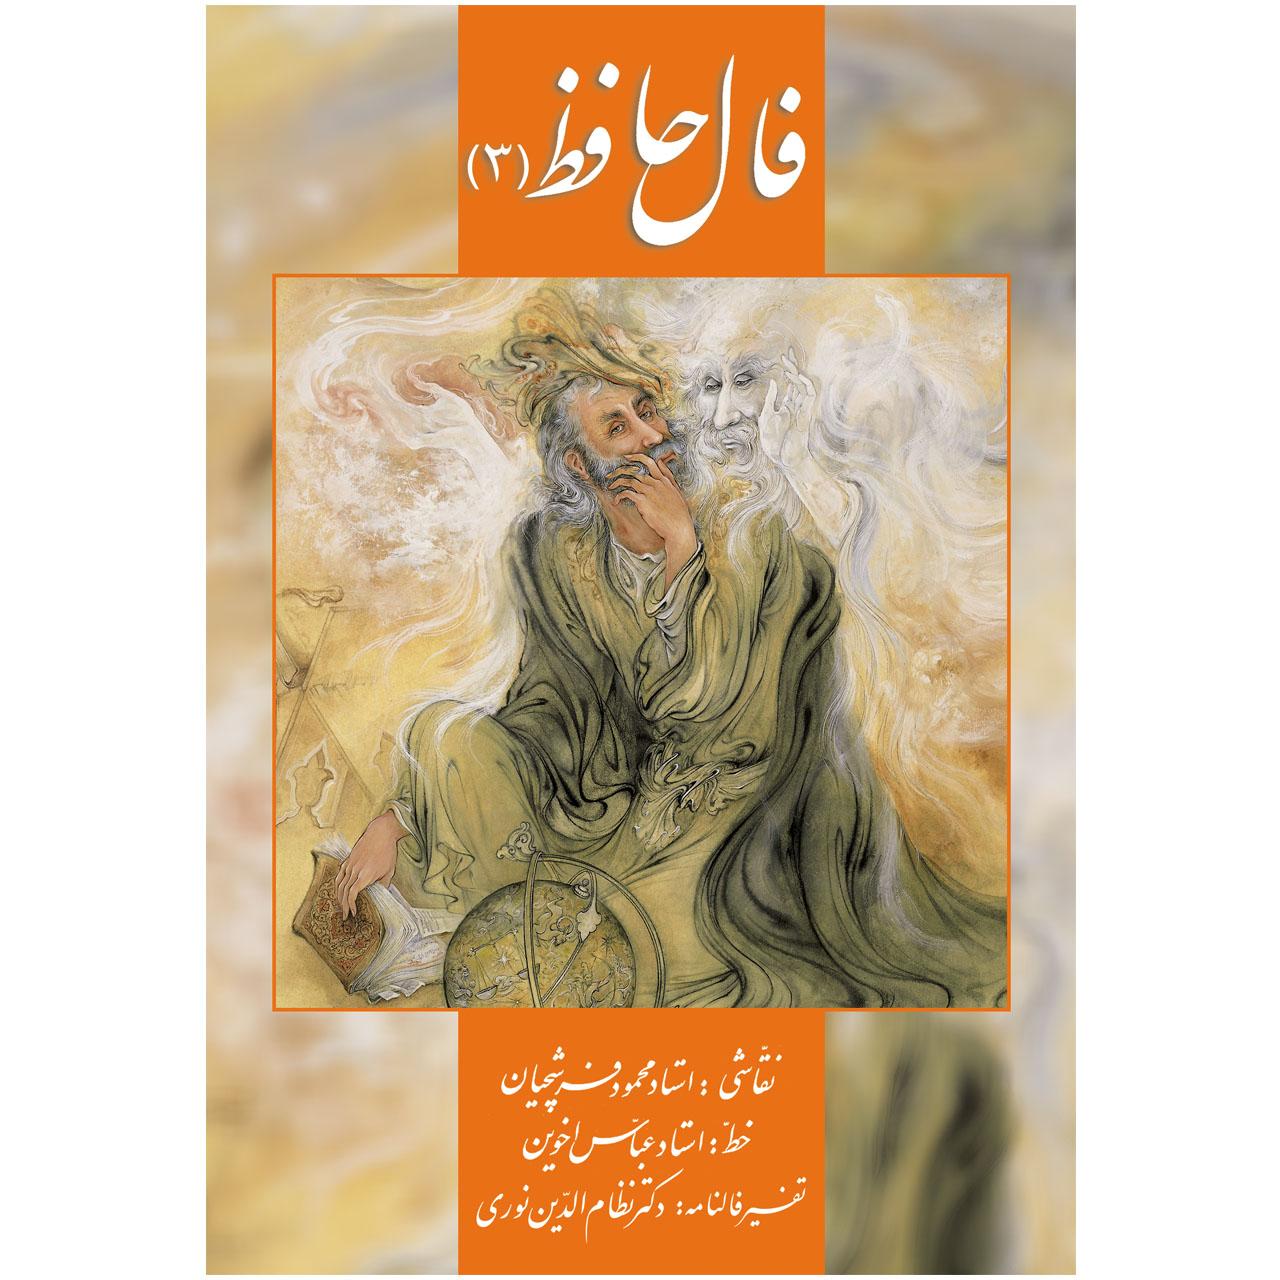 کتاب فال حافظ 3 اثر حافظ شیرازی و تفسیر فالنامۀ دکتر نظام الدین نوری